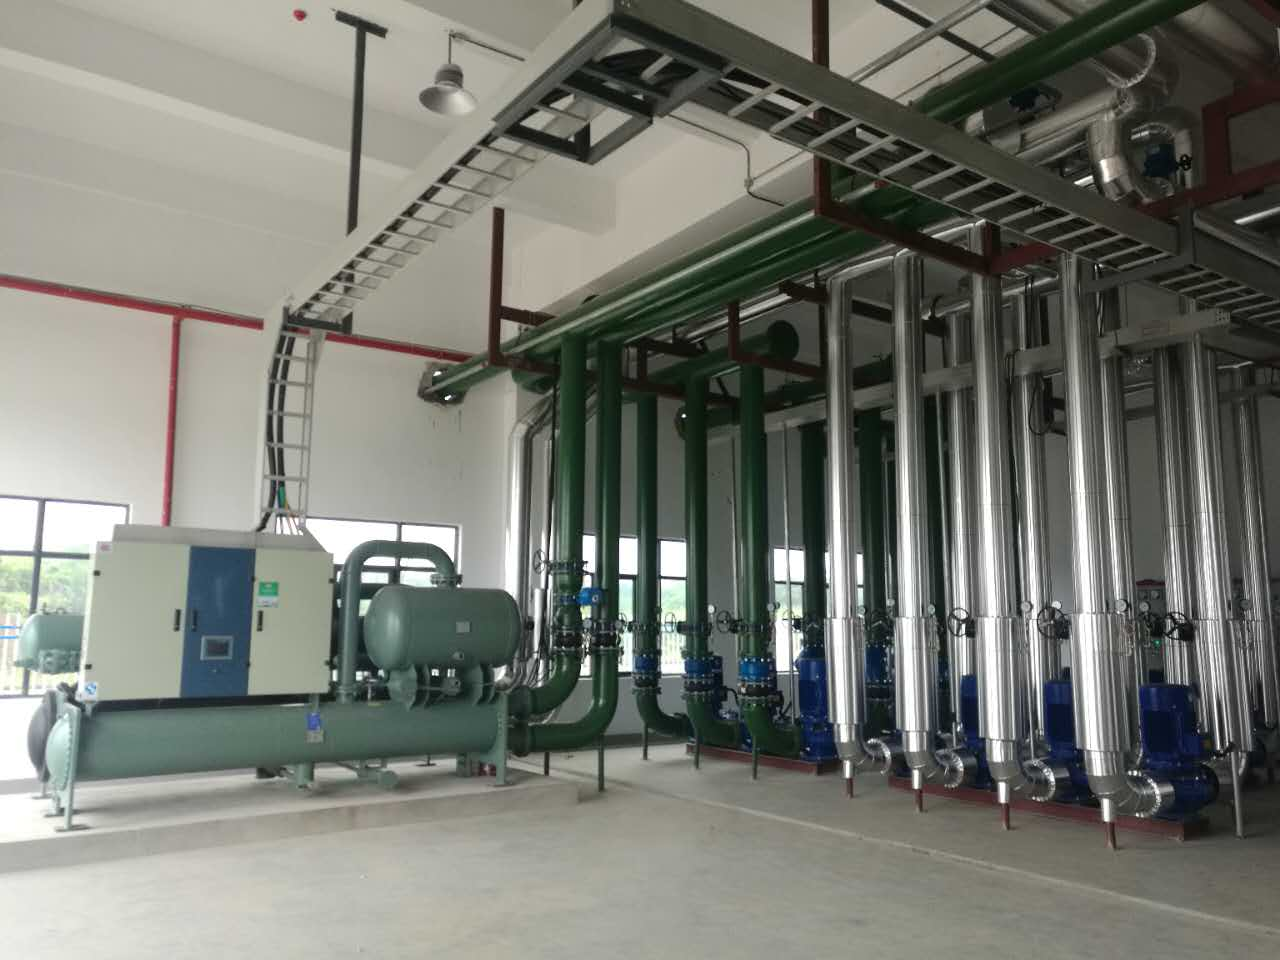 合肥安大天辐新材料有限公司冷水机组系统实景展示